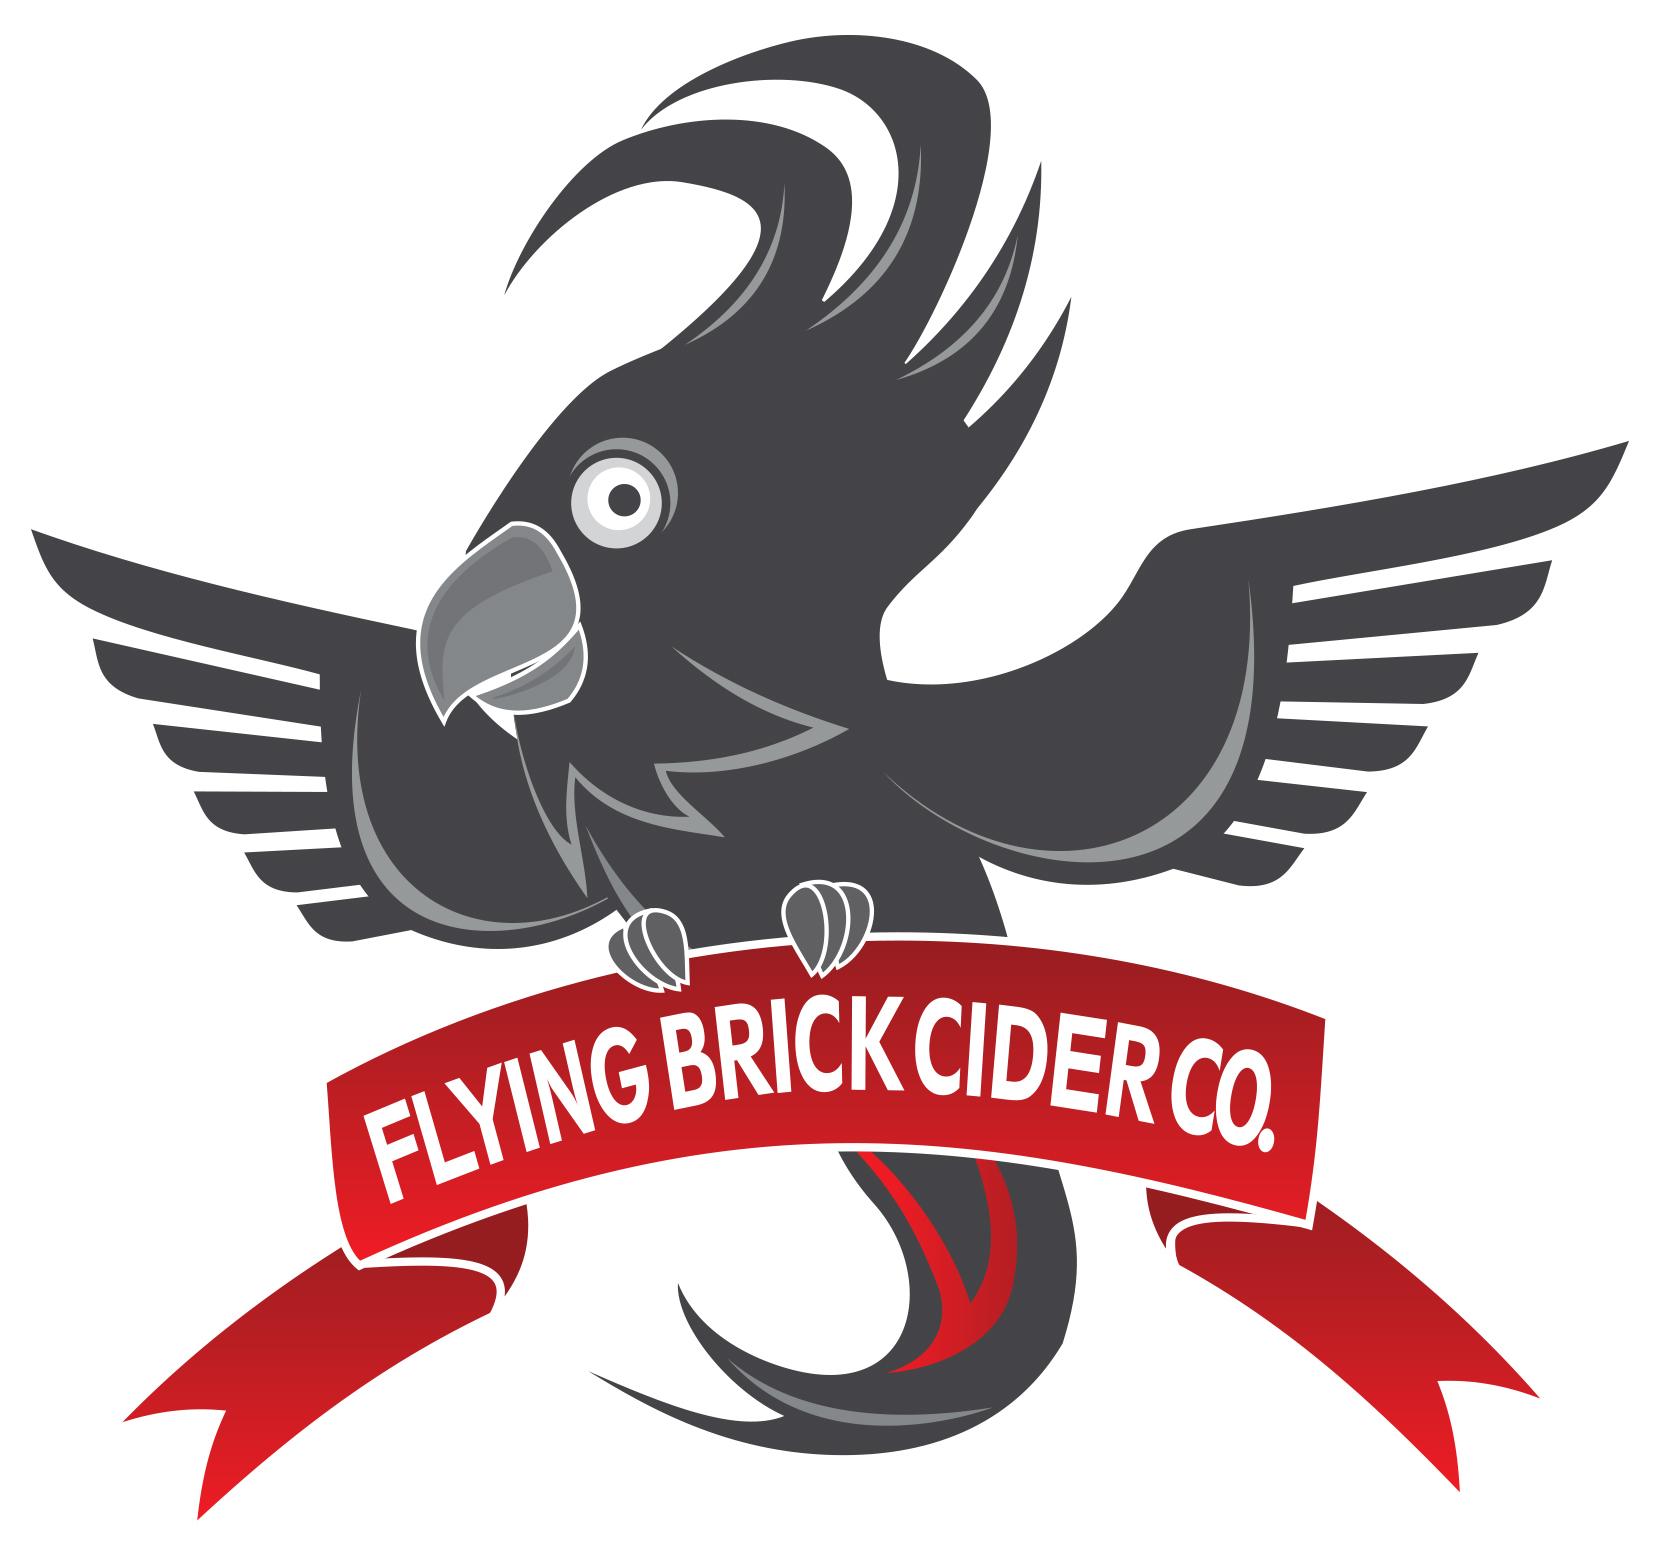 Flying Brick Cider Co